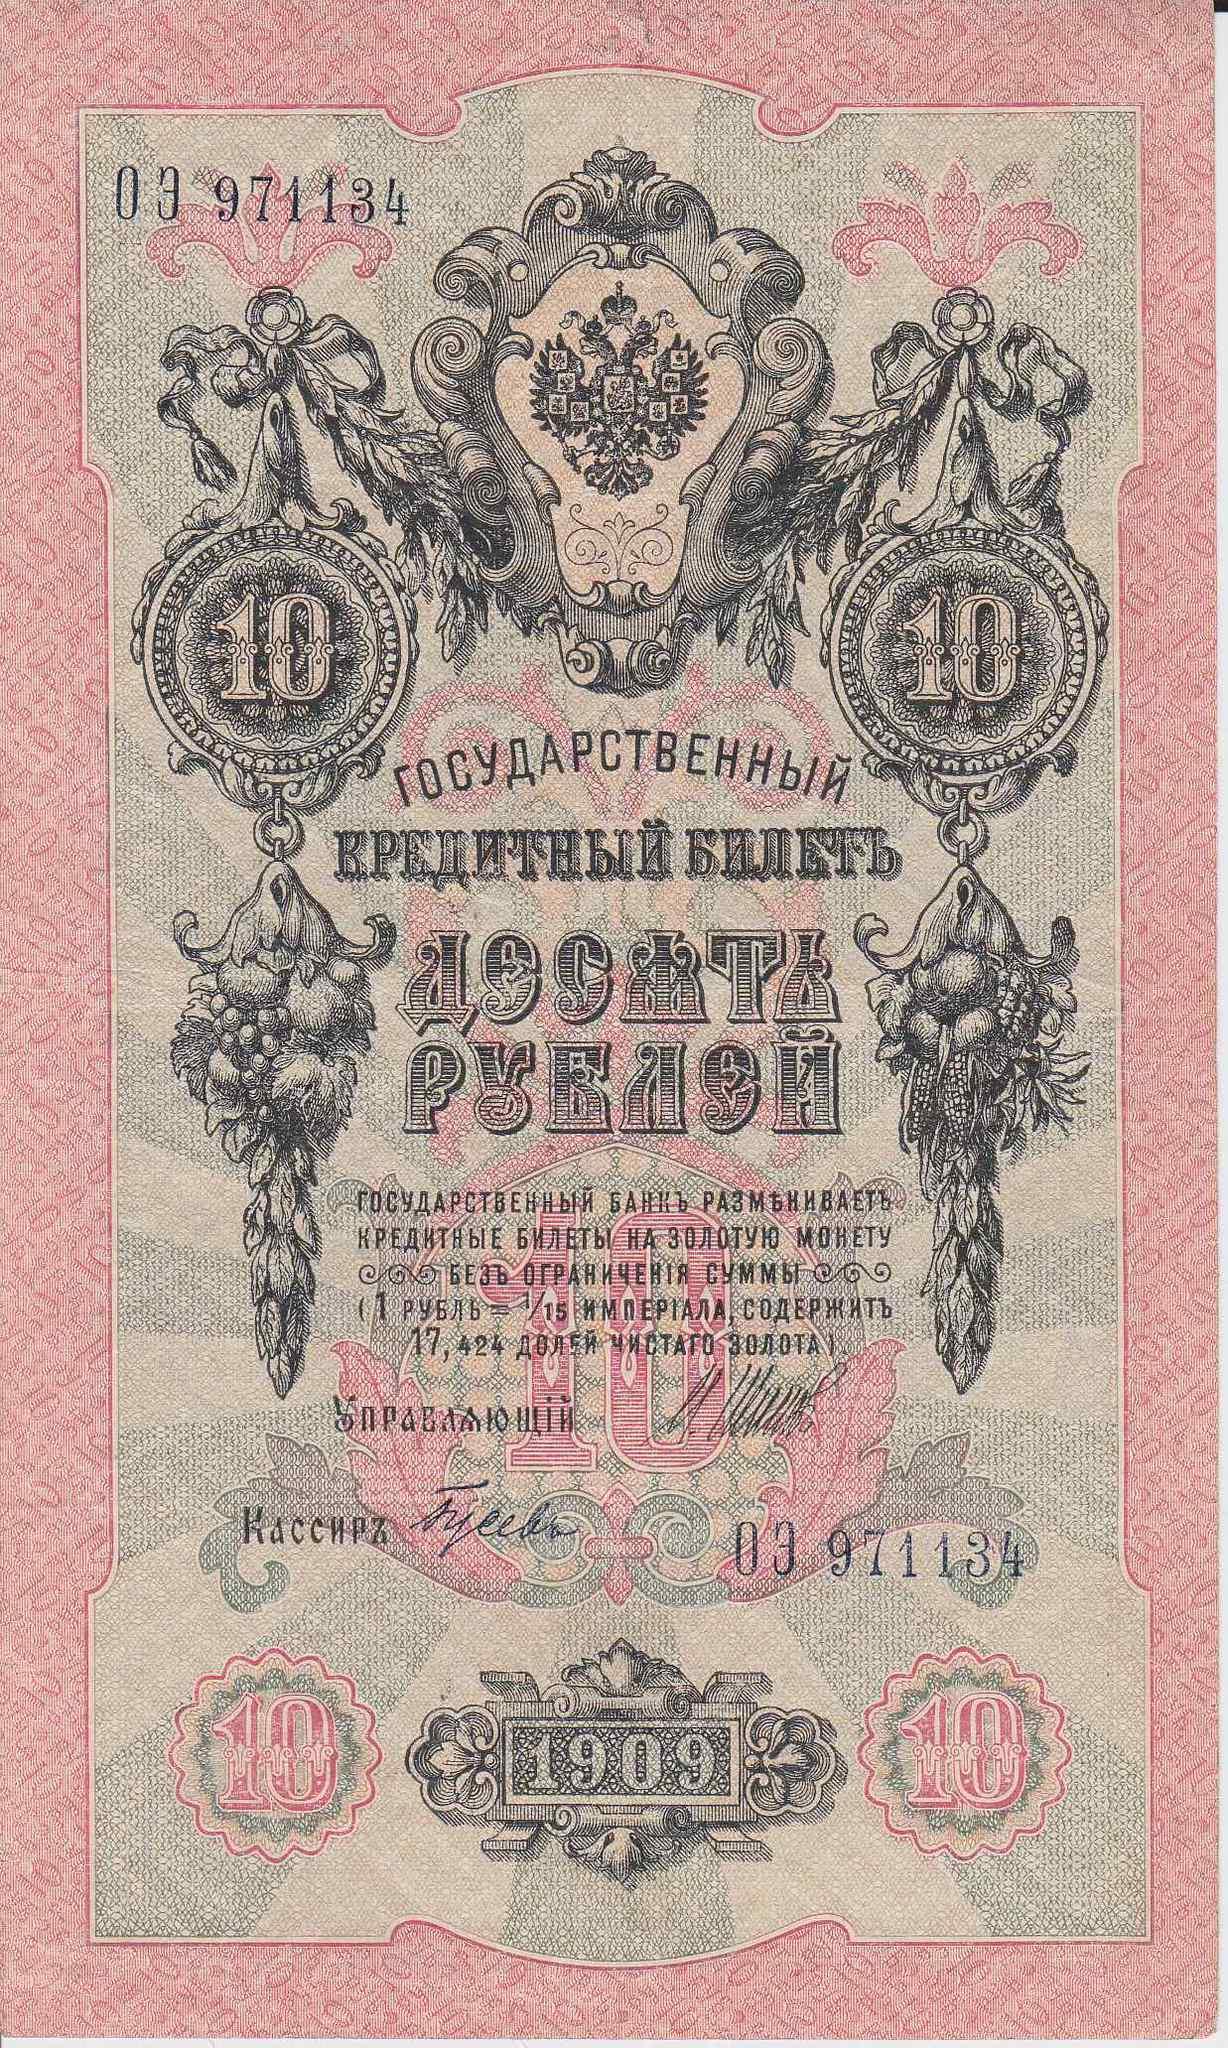 Банкнота Россия 1909 год 10 рублей Шипов/Гусев ОЭ